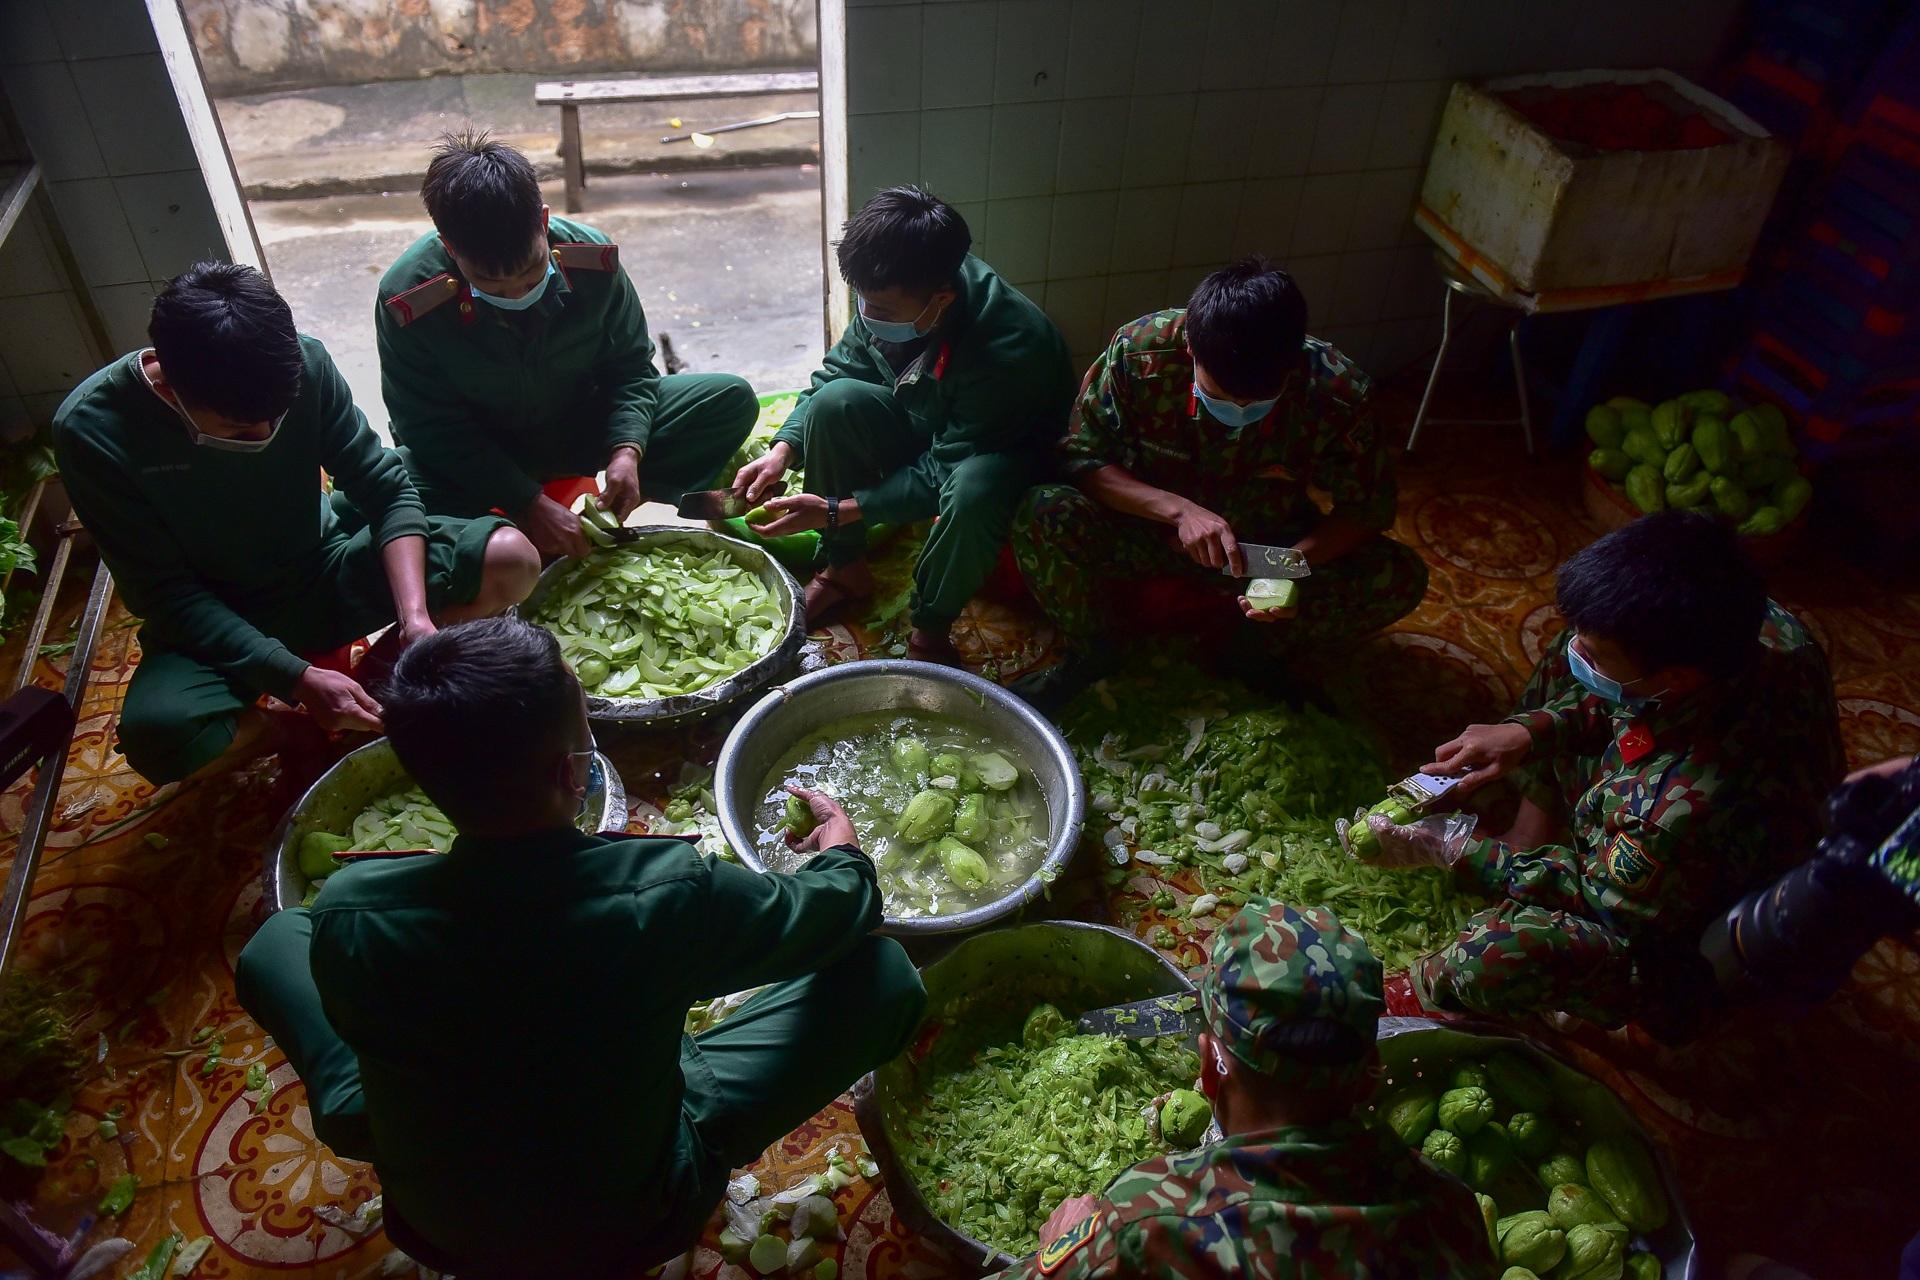 Chiến sĩ vội vã chuẩn bị hàng trăm suất cơm trong khu cách ly tại Lạng Sơn - 2